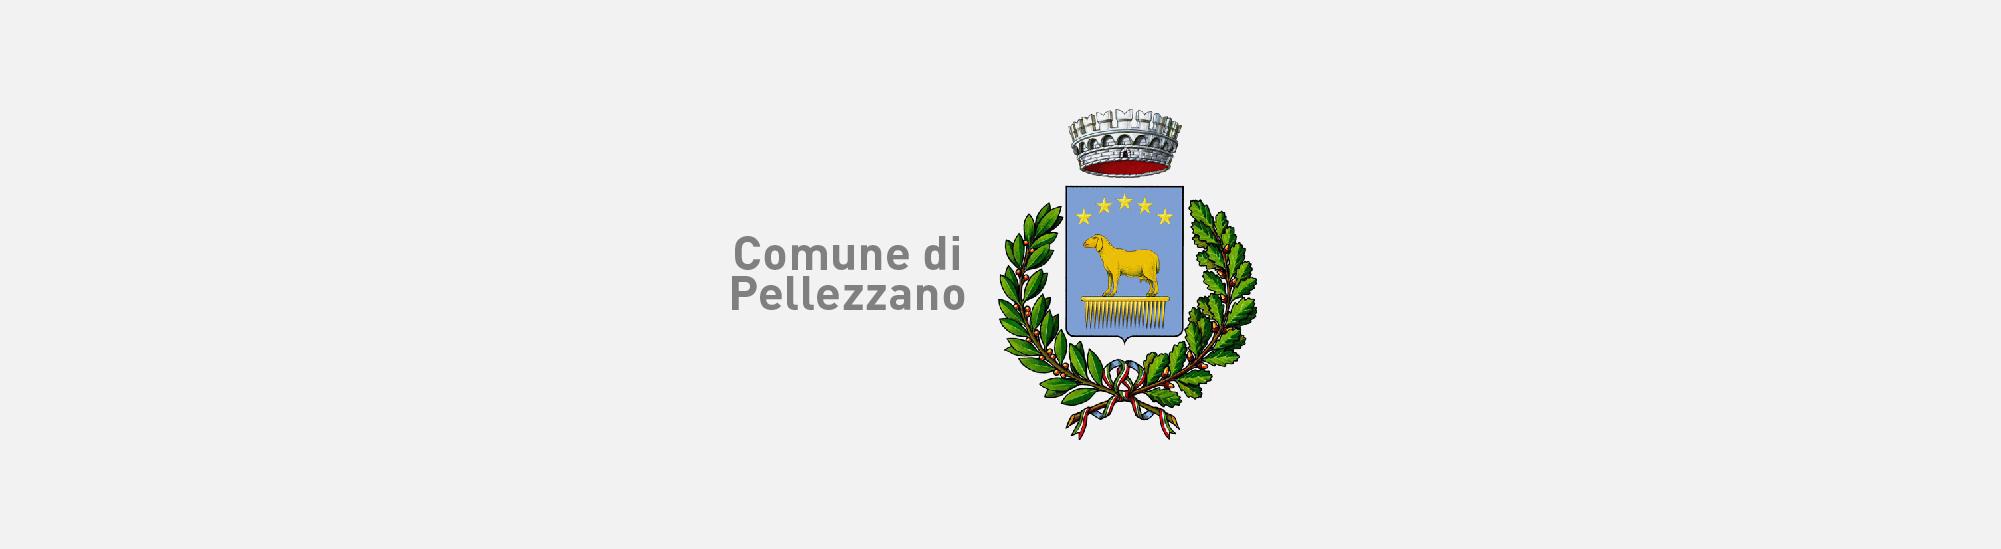 Header Comune Pellezzano